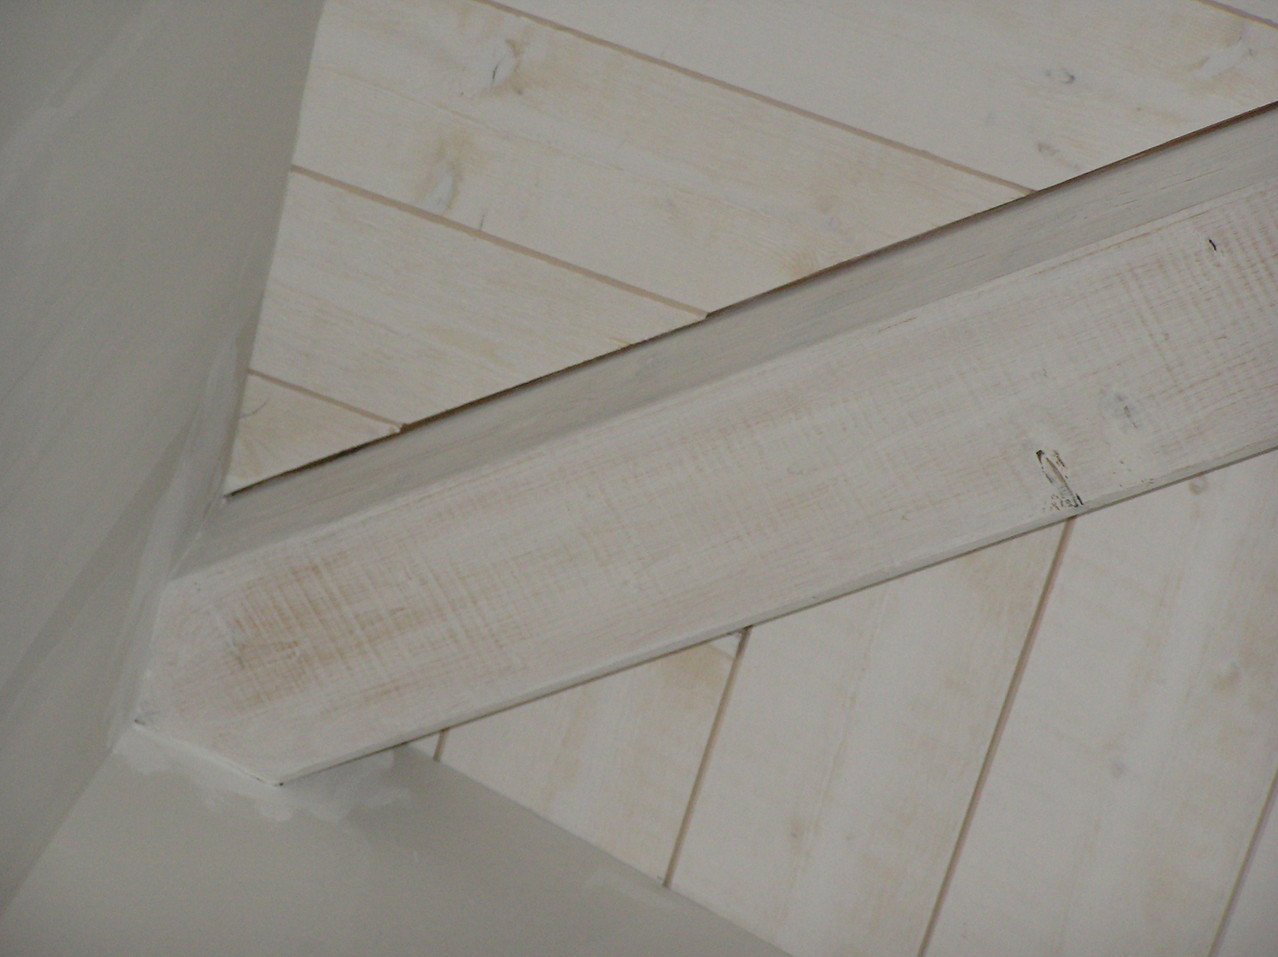 plafond lambris entre pannes avec joints creux